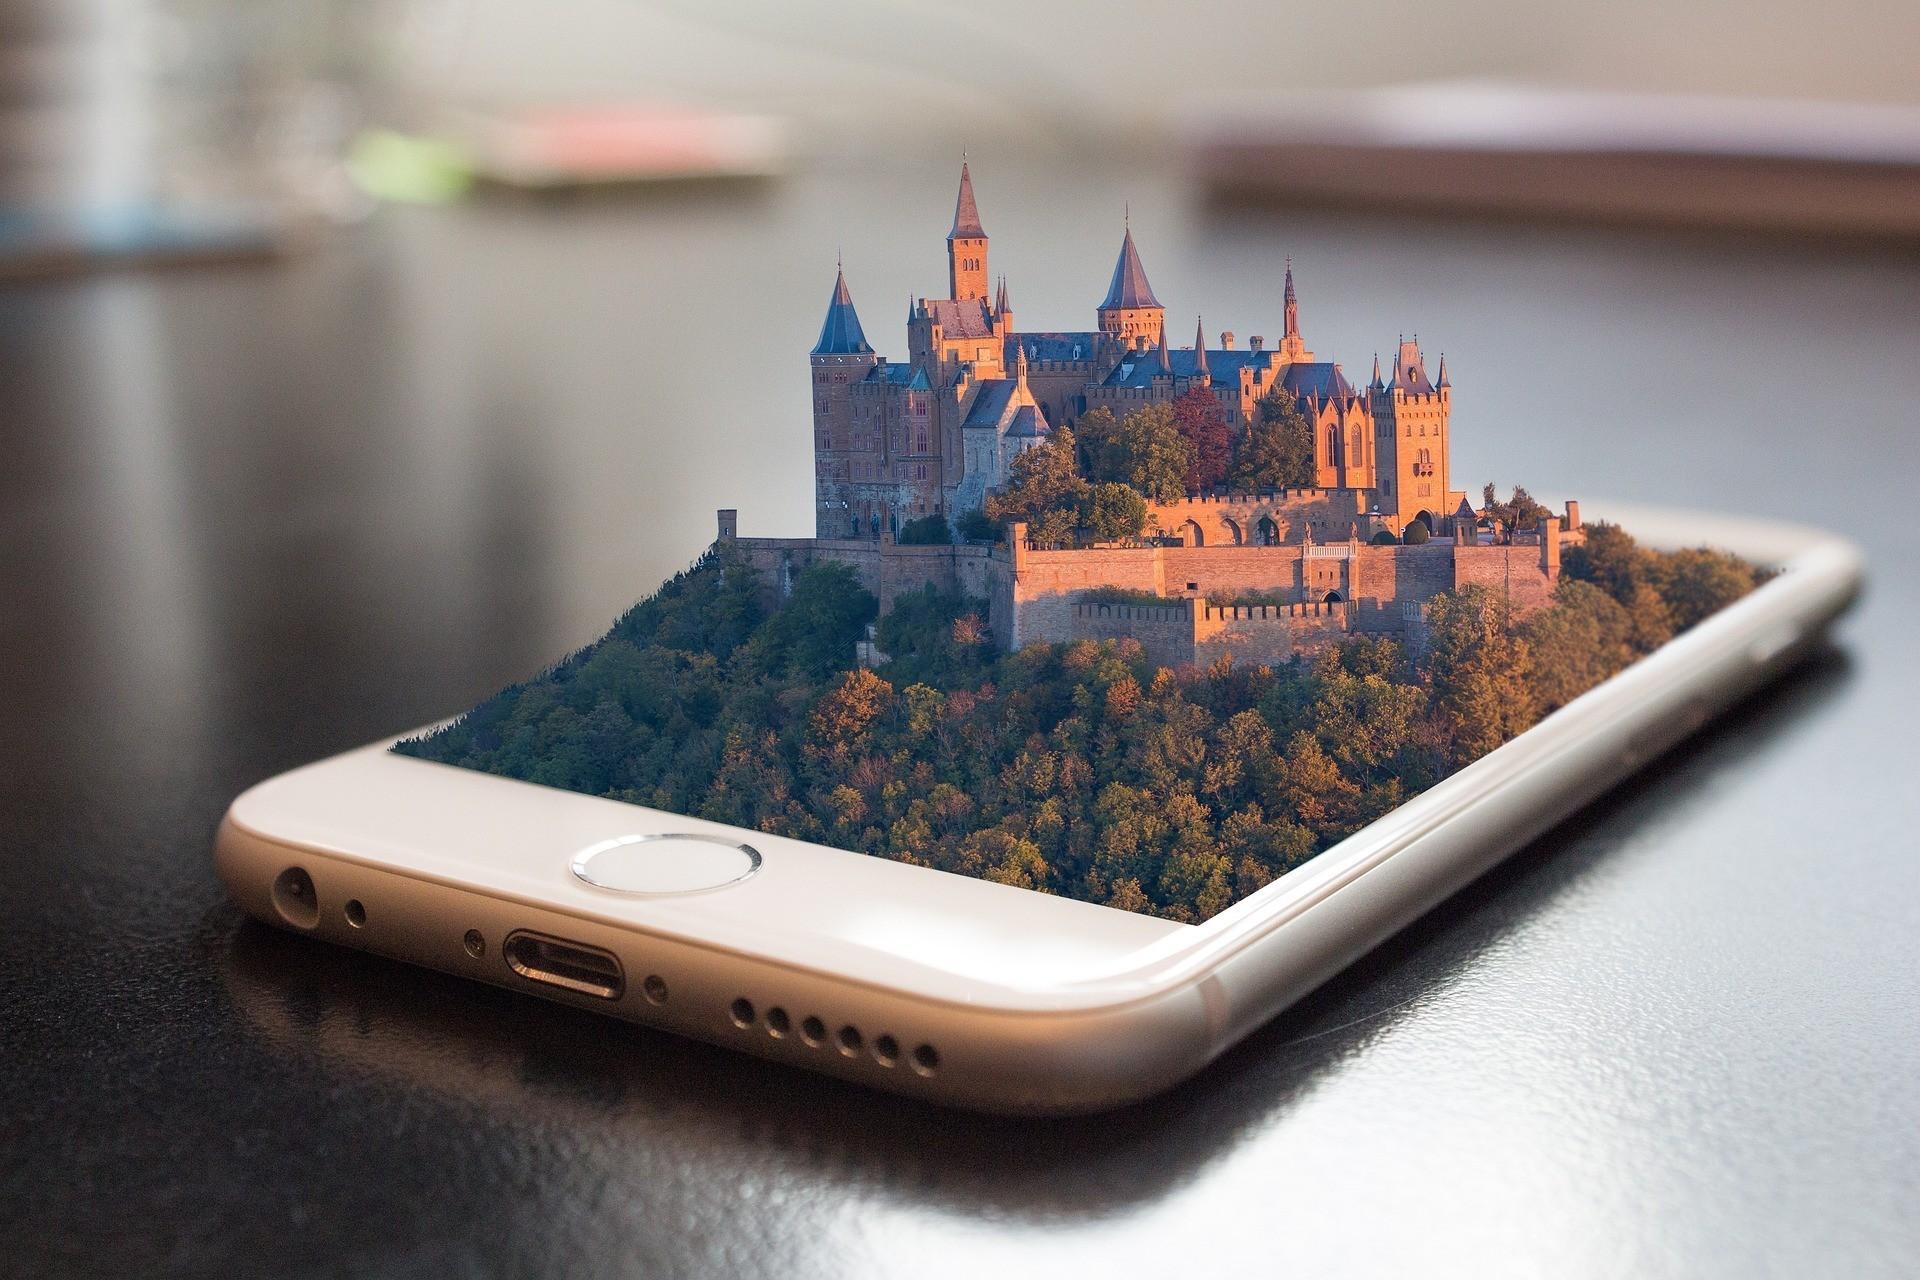 Jaka jest przyszłość telefonów komórkowych?